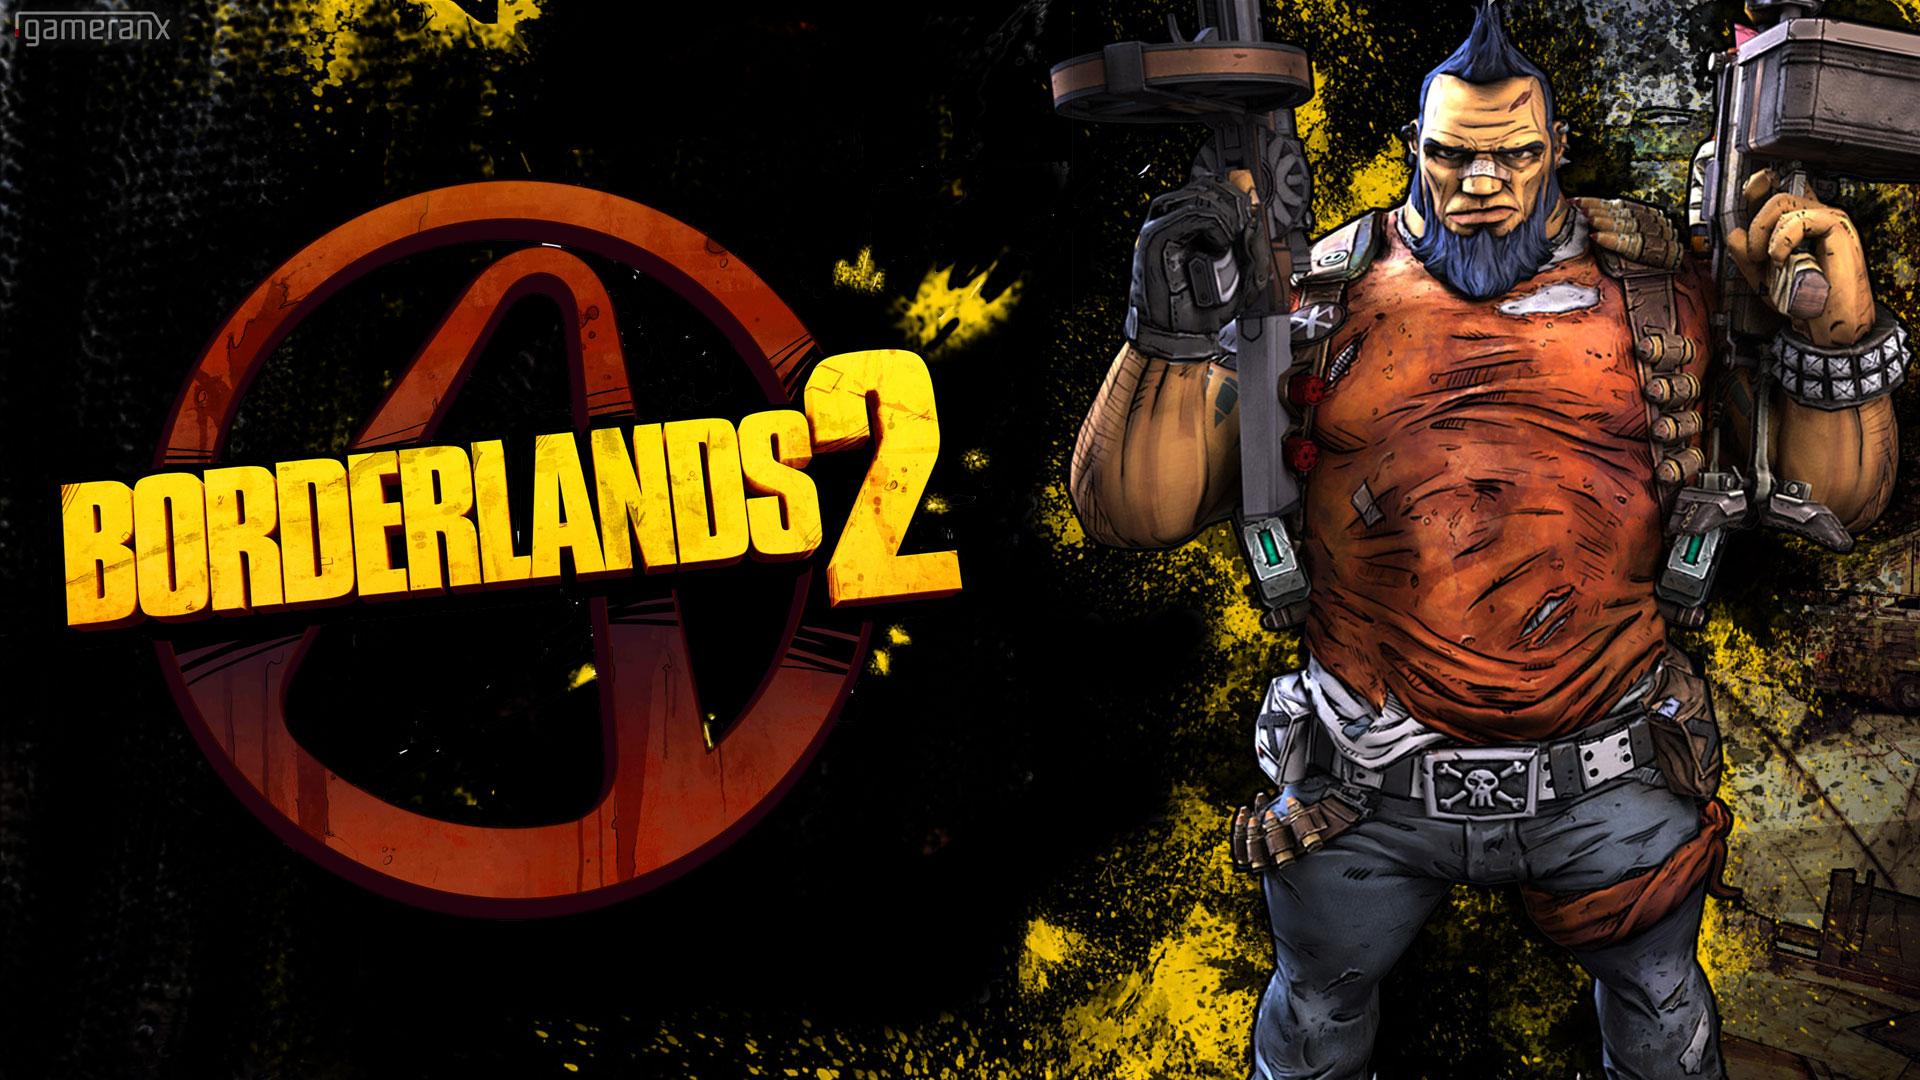 Un nuevo trailer de Borderlands 2 no tiene dubstep y muestra gameplay [Video]